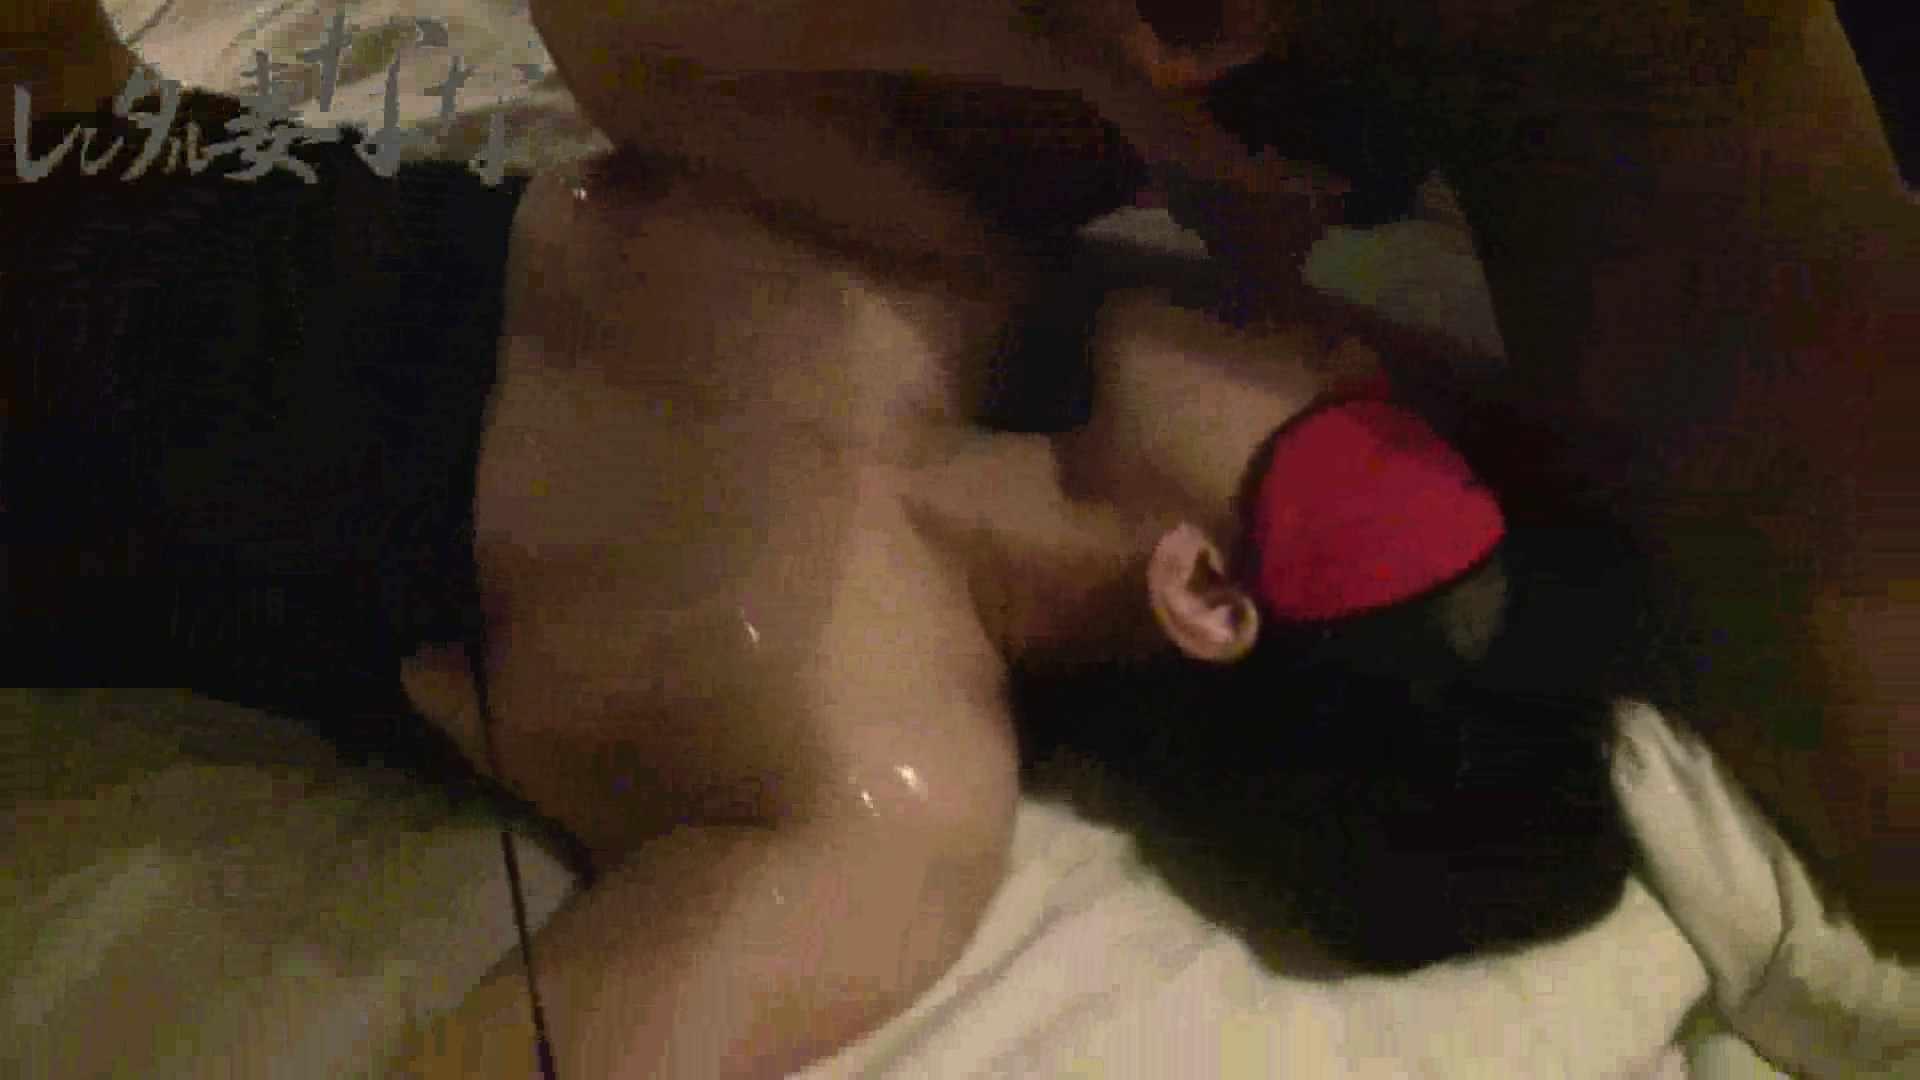 レンタル妻ななvol.12 3Pセックス編 お姉さんのセックス セックス無修正動画無料 94枚 69